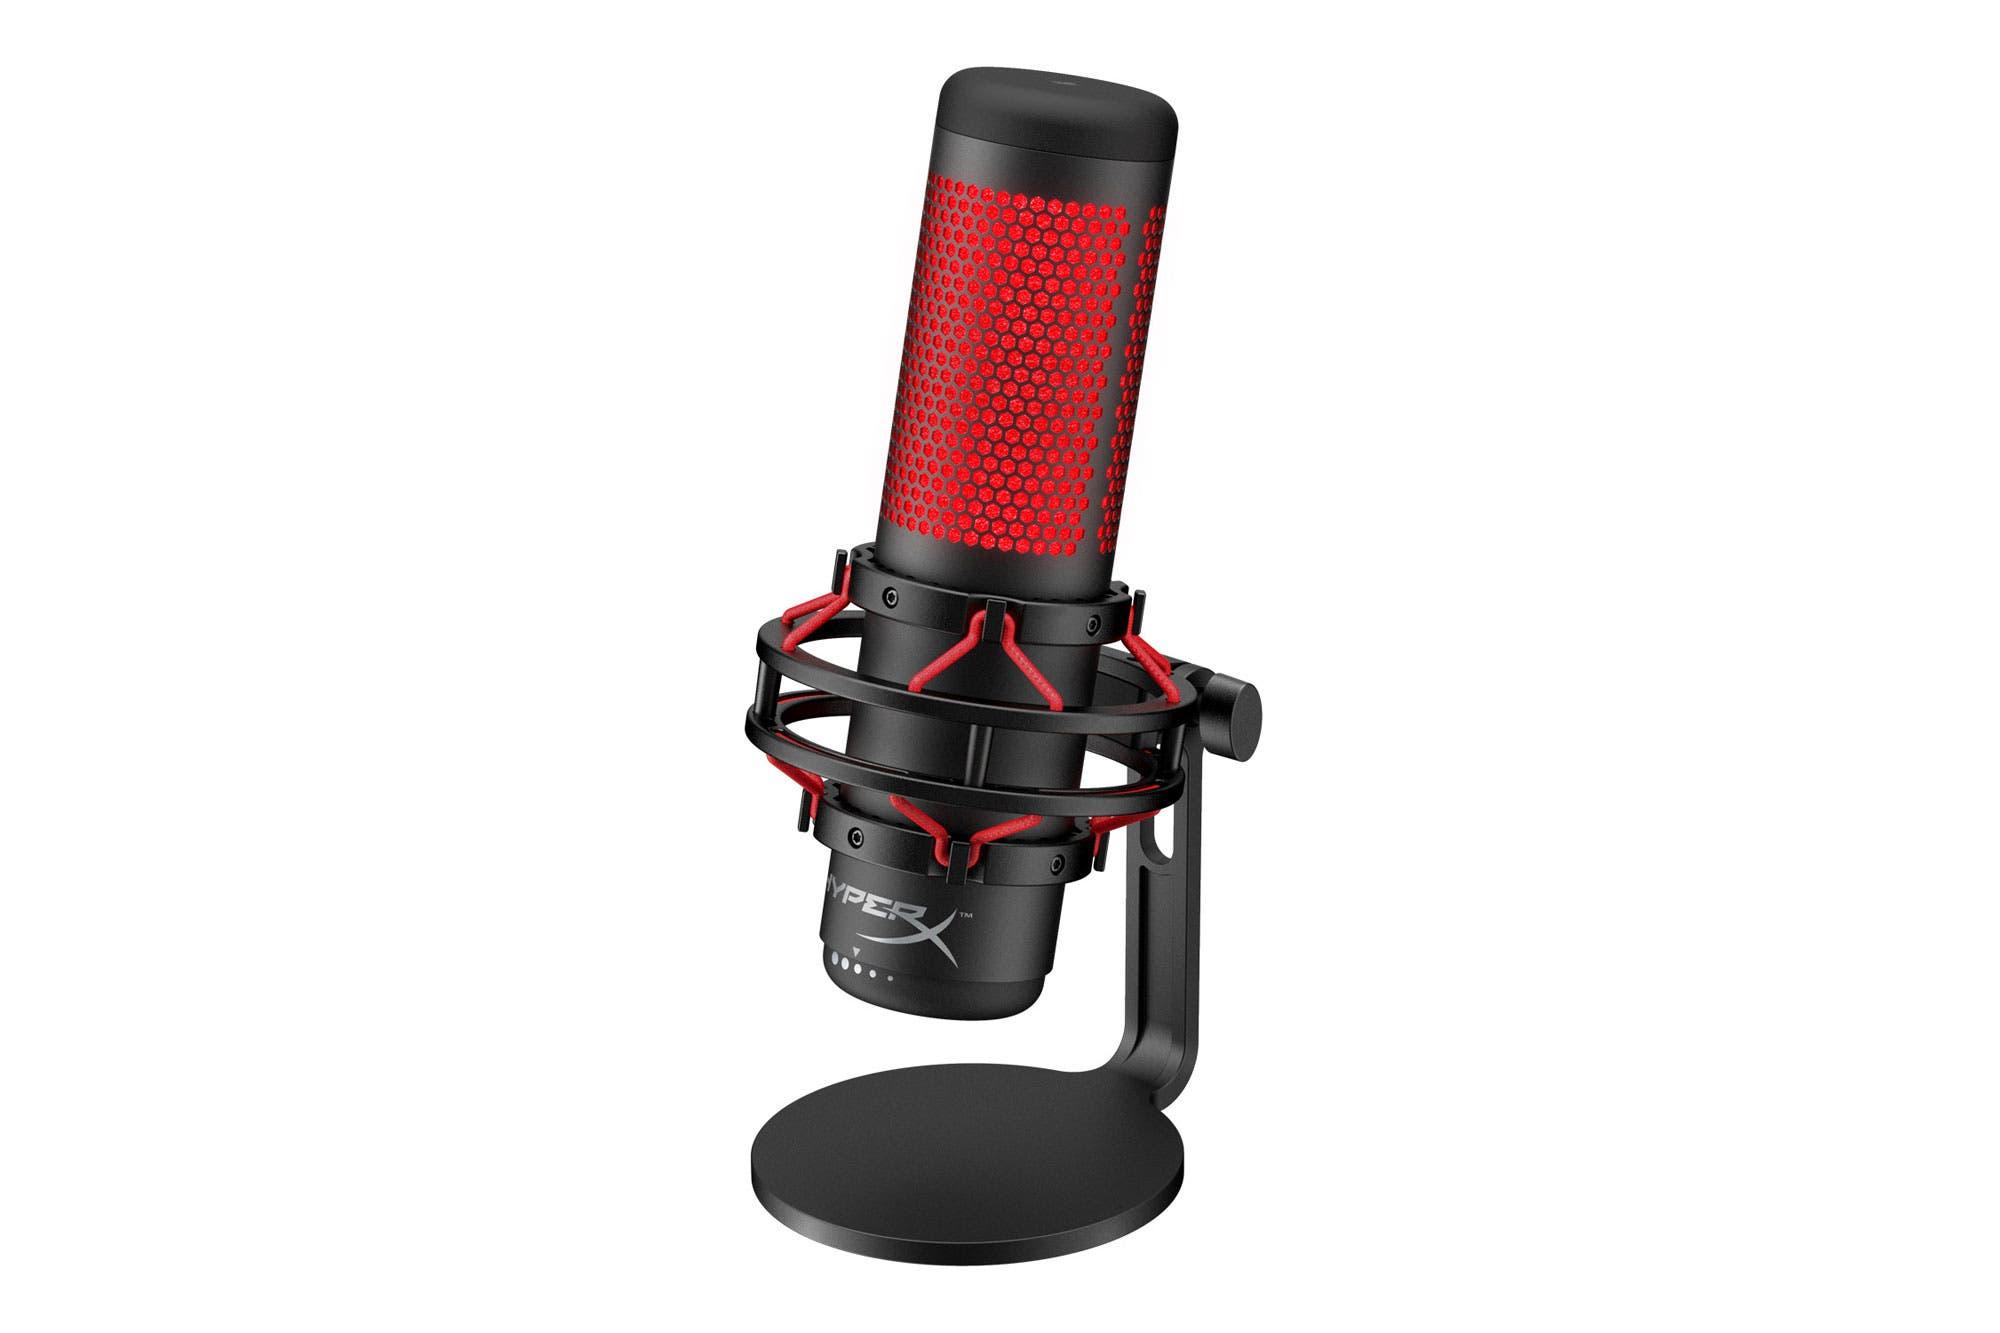 Probamos el Quadcast de HyperX, un versátil micrófono gamer para las transmisiones de videojuegos